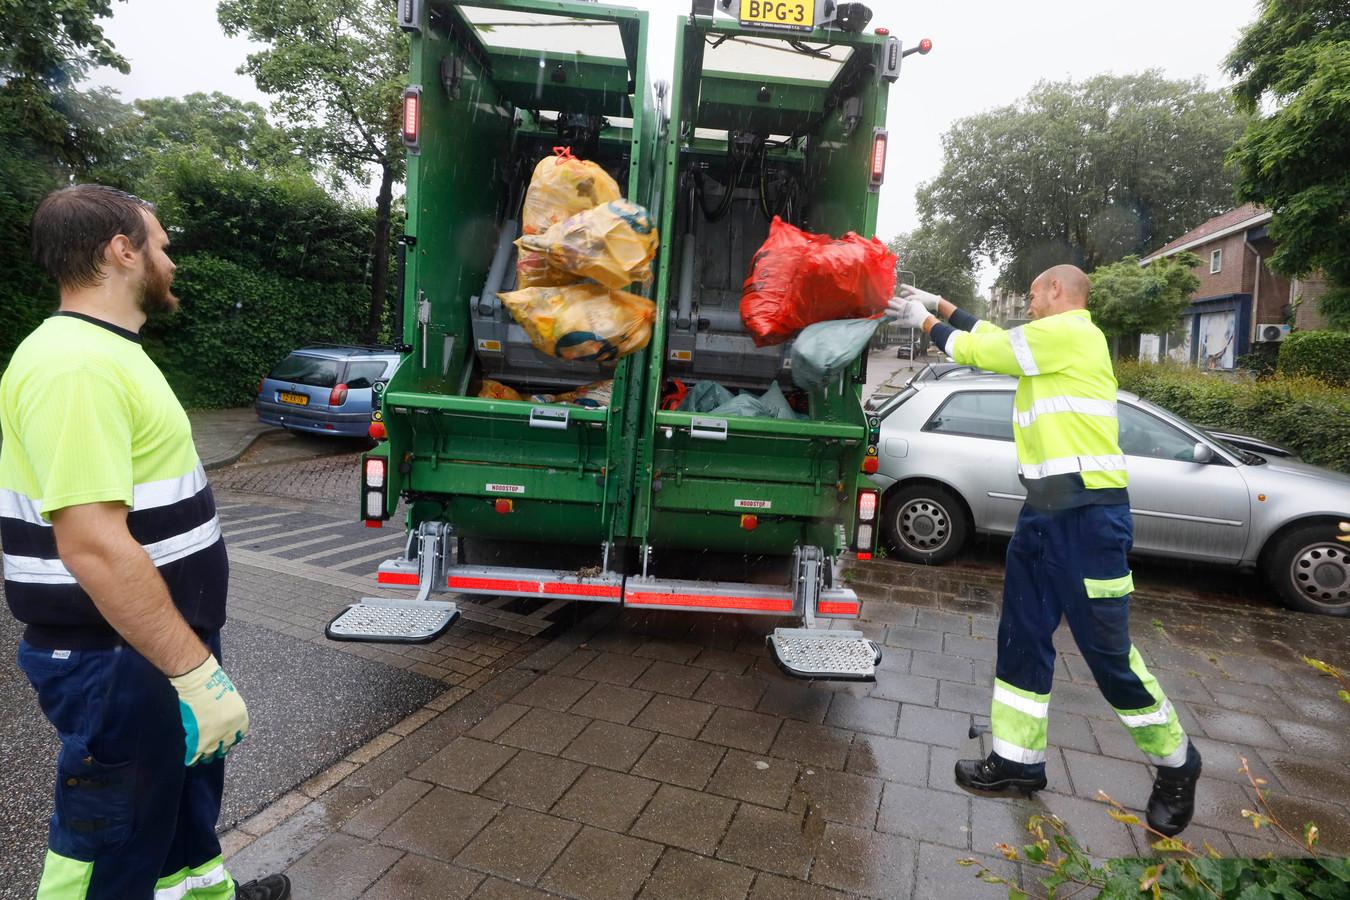 Medewerkers van DAR bij de vuilniswagen die het afval gescheiden afvoert: links plastic, rechts restafval.